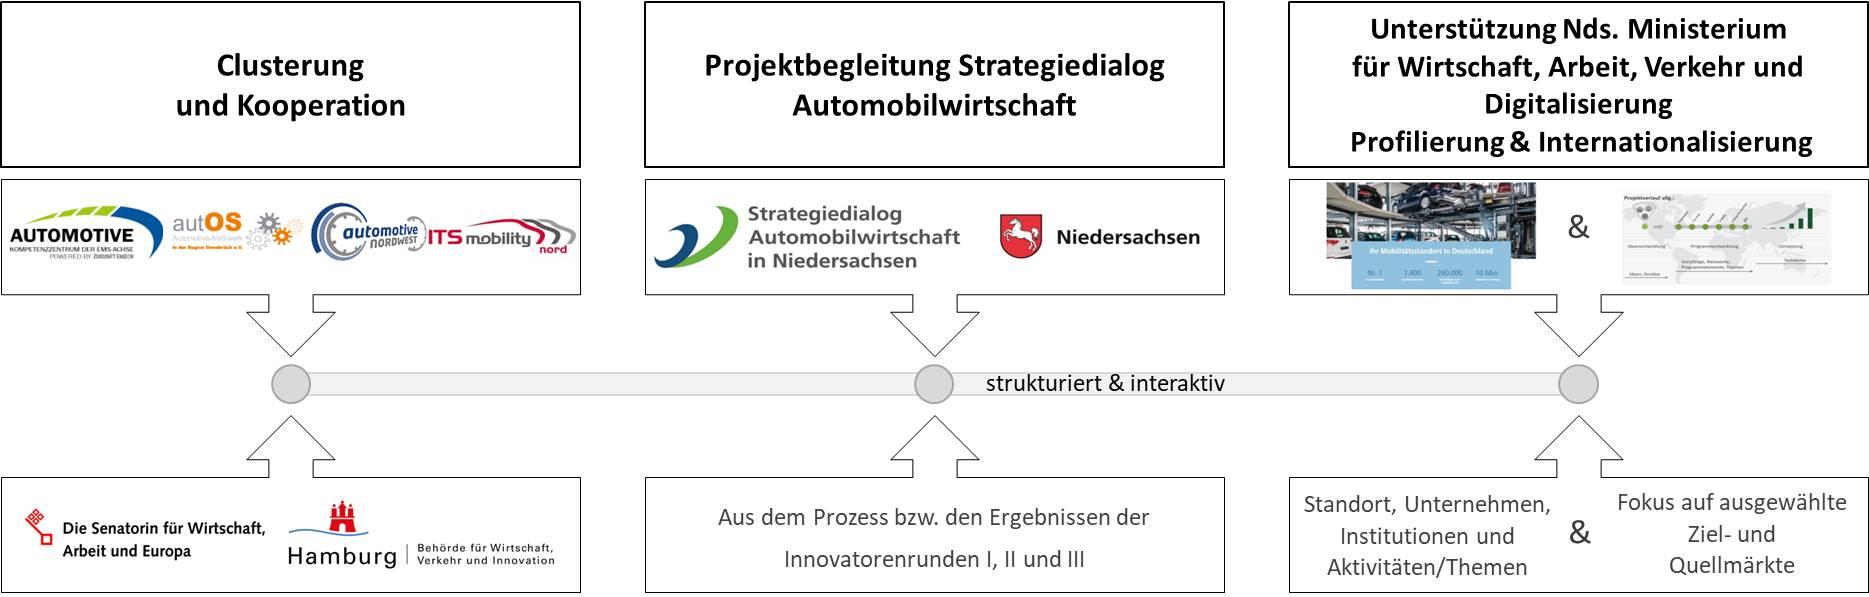 Die Grafik stellt die Aufgaben der Automotive Agentur dar